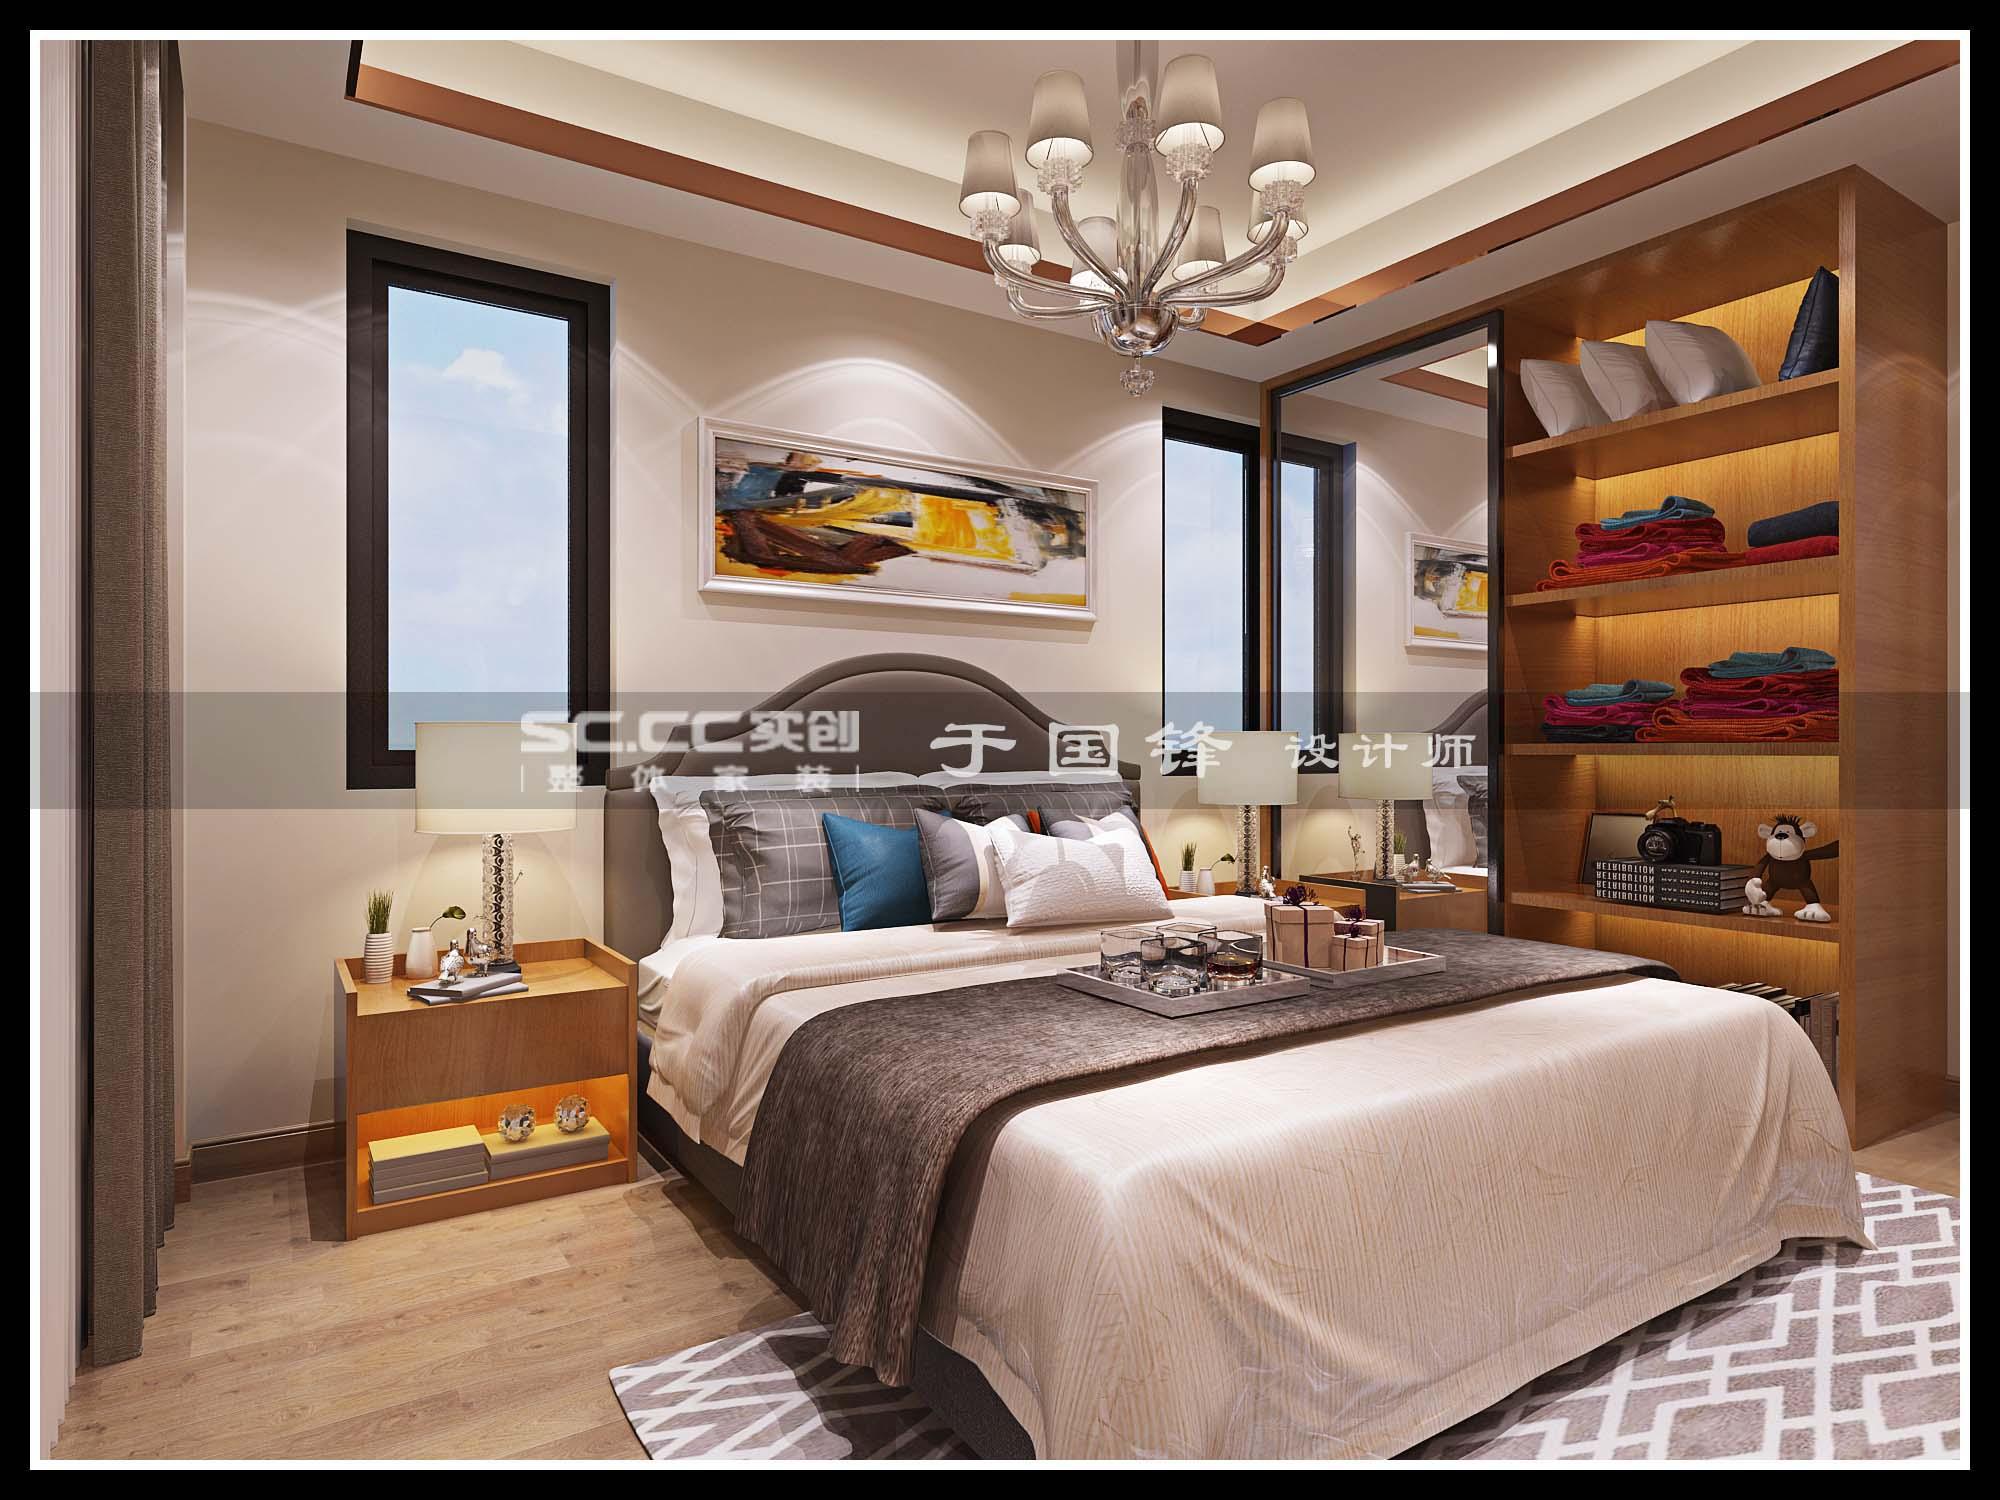 港式 别墅 世茂 玲珑台 卧室图片来自快乐彩在世茂玲珑台240平联排别墅的分享